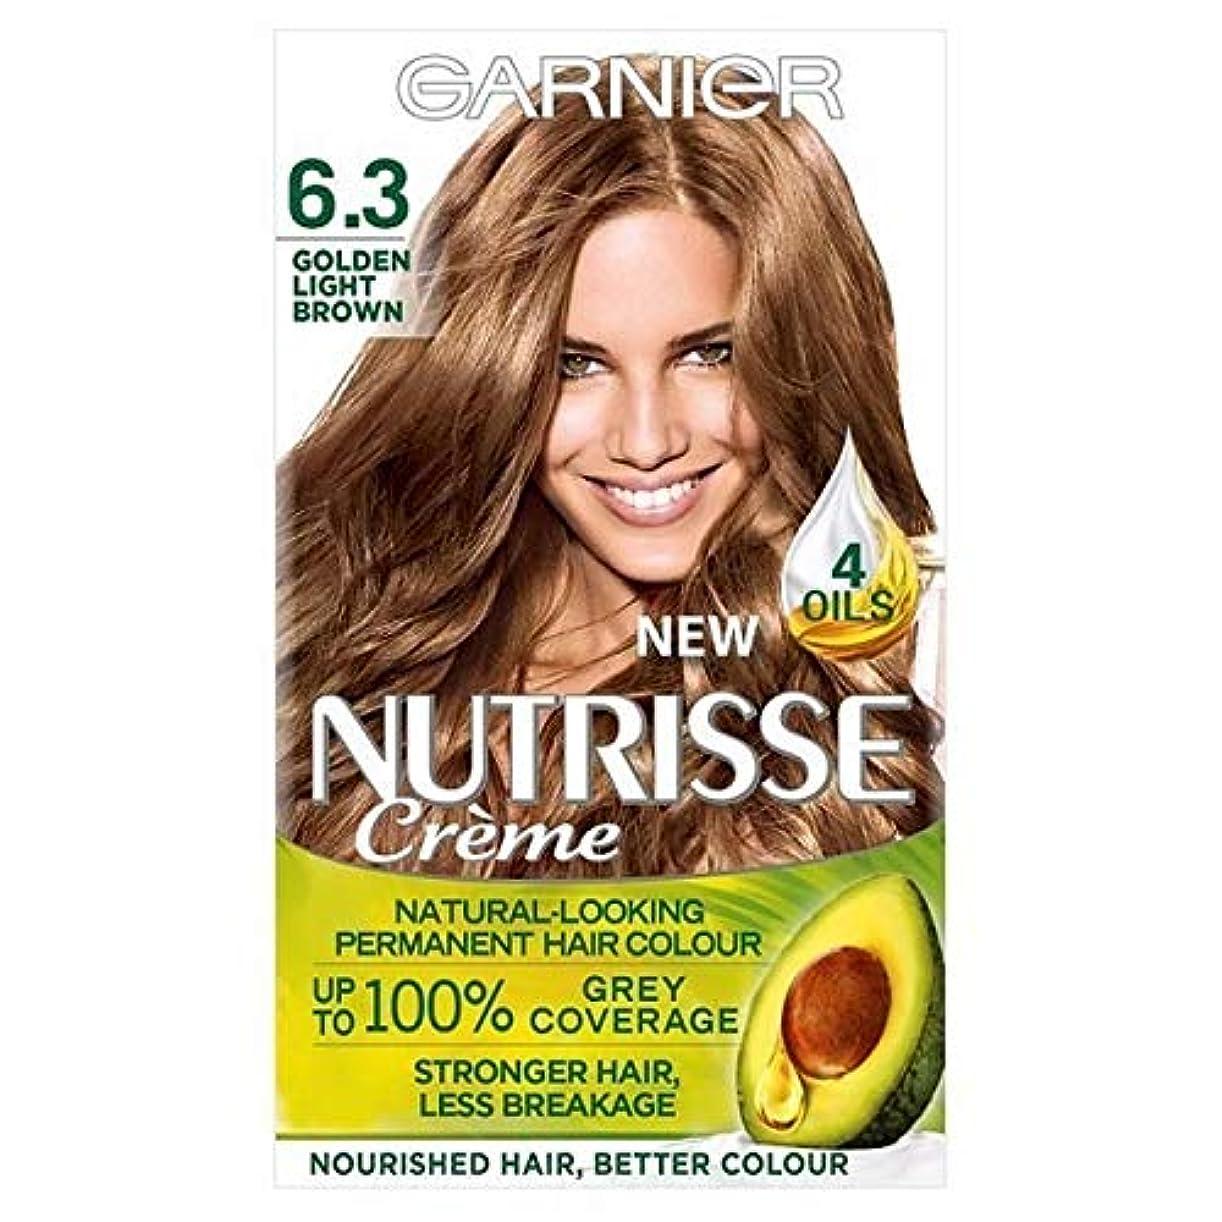 手数料妻宿泊[Garnier ] ガルニエNutrisse永久染毛剤黄金ライトブラウン6.3 - Garnier Nutrisse Permanent Hair Dye Golden Light Brown 6.3 [並行輸入品]